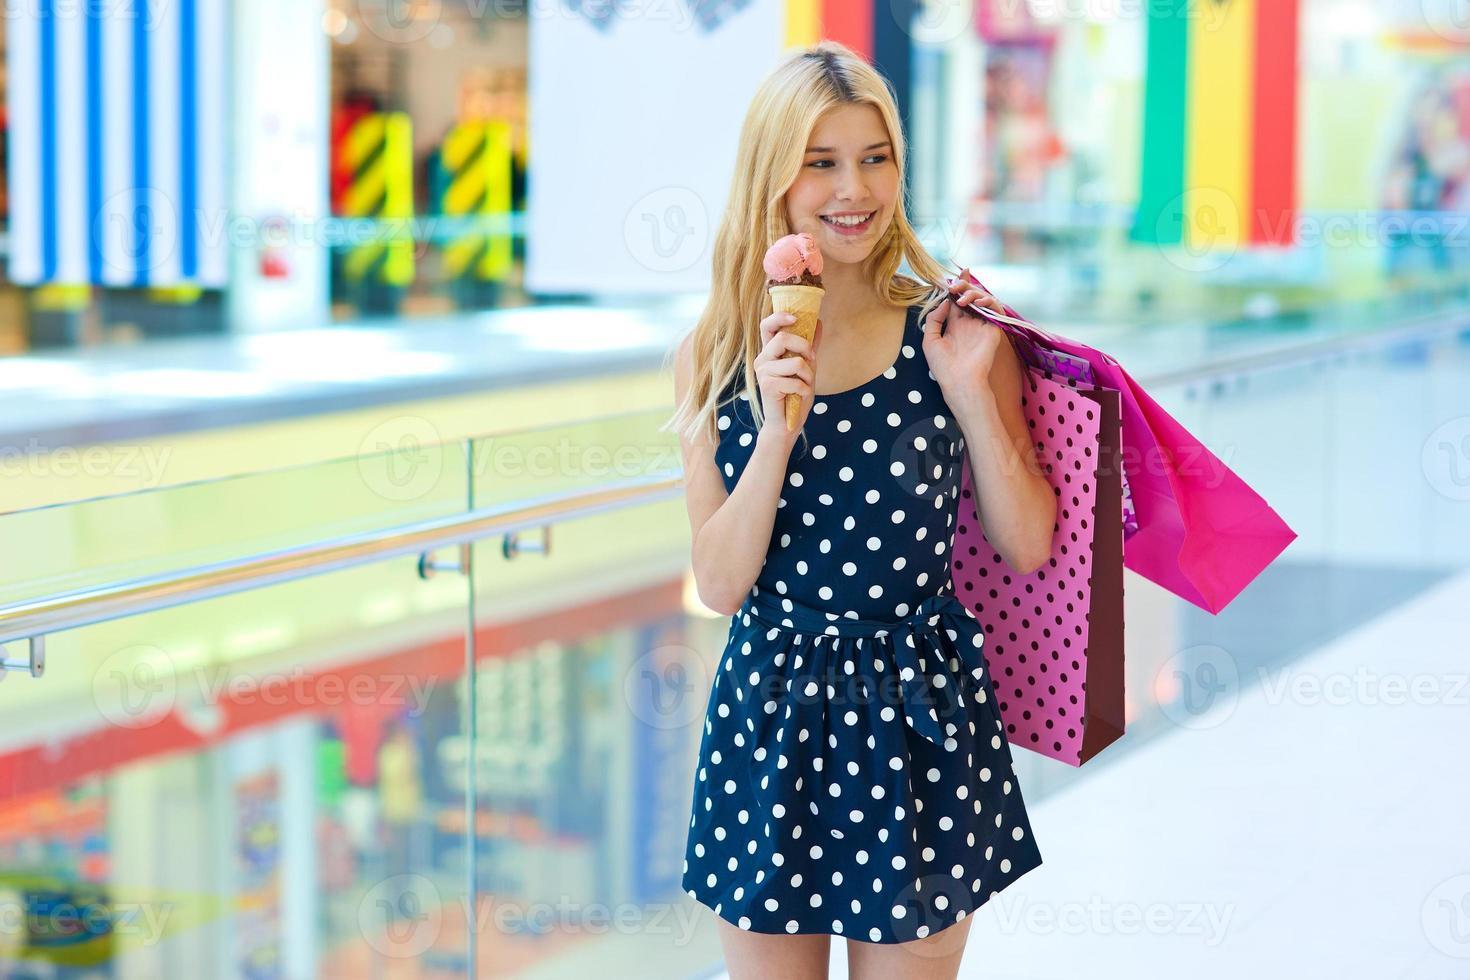 menina adolescente com sorvete e sacolas de compras foto